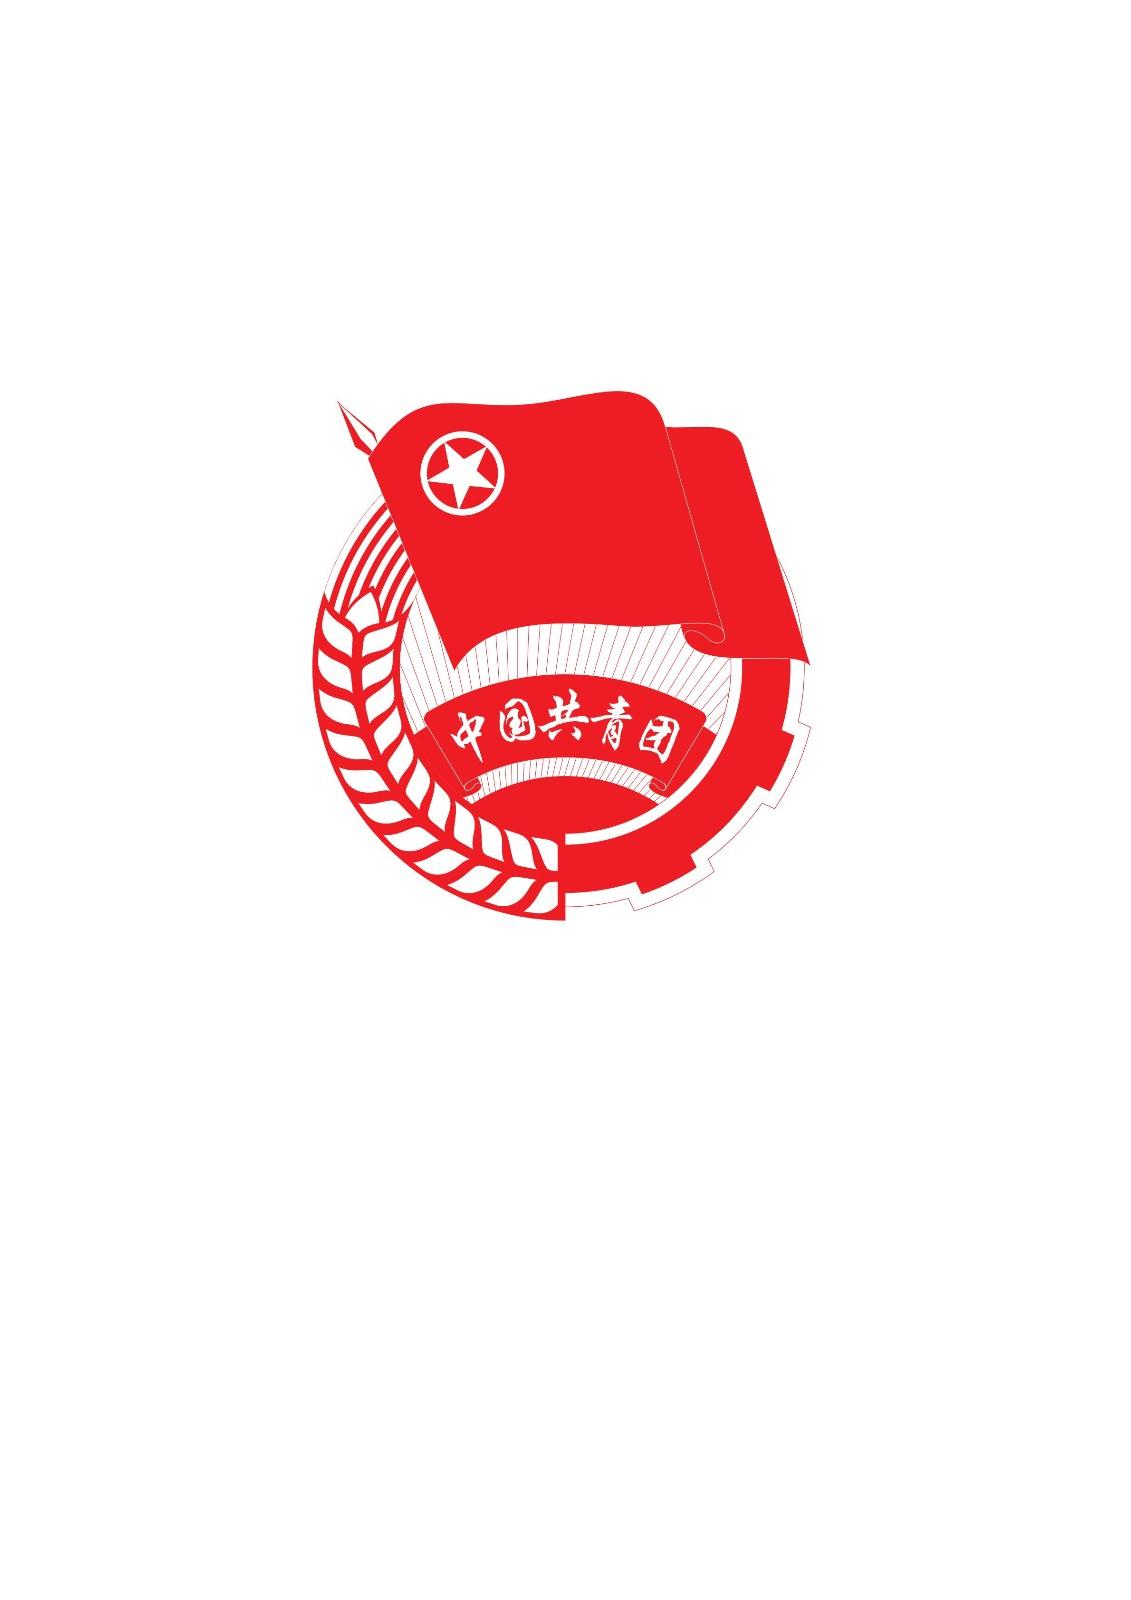 共青团乐天堂fun88客户端下载省委驻浙工委